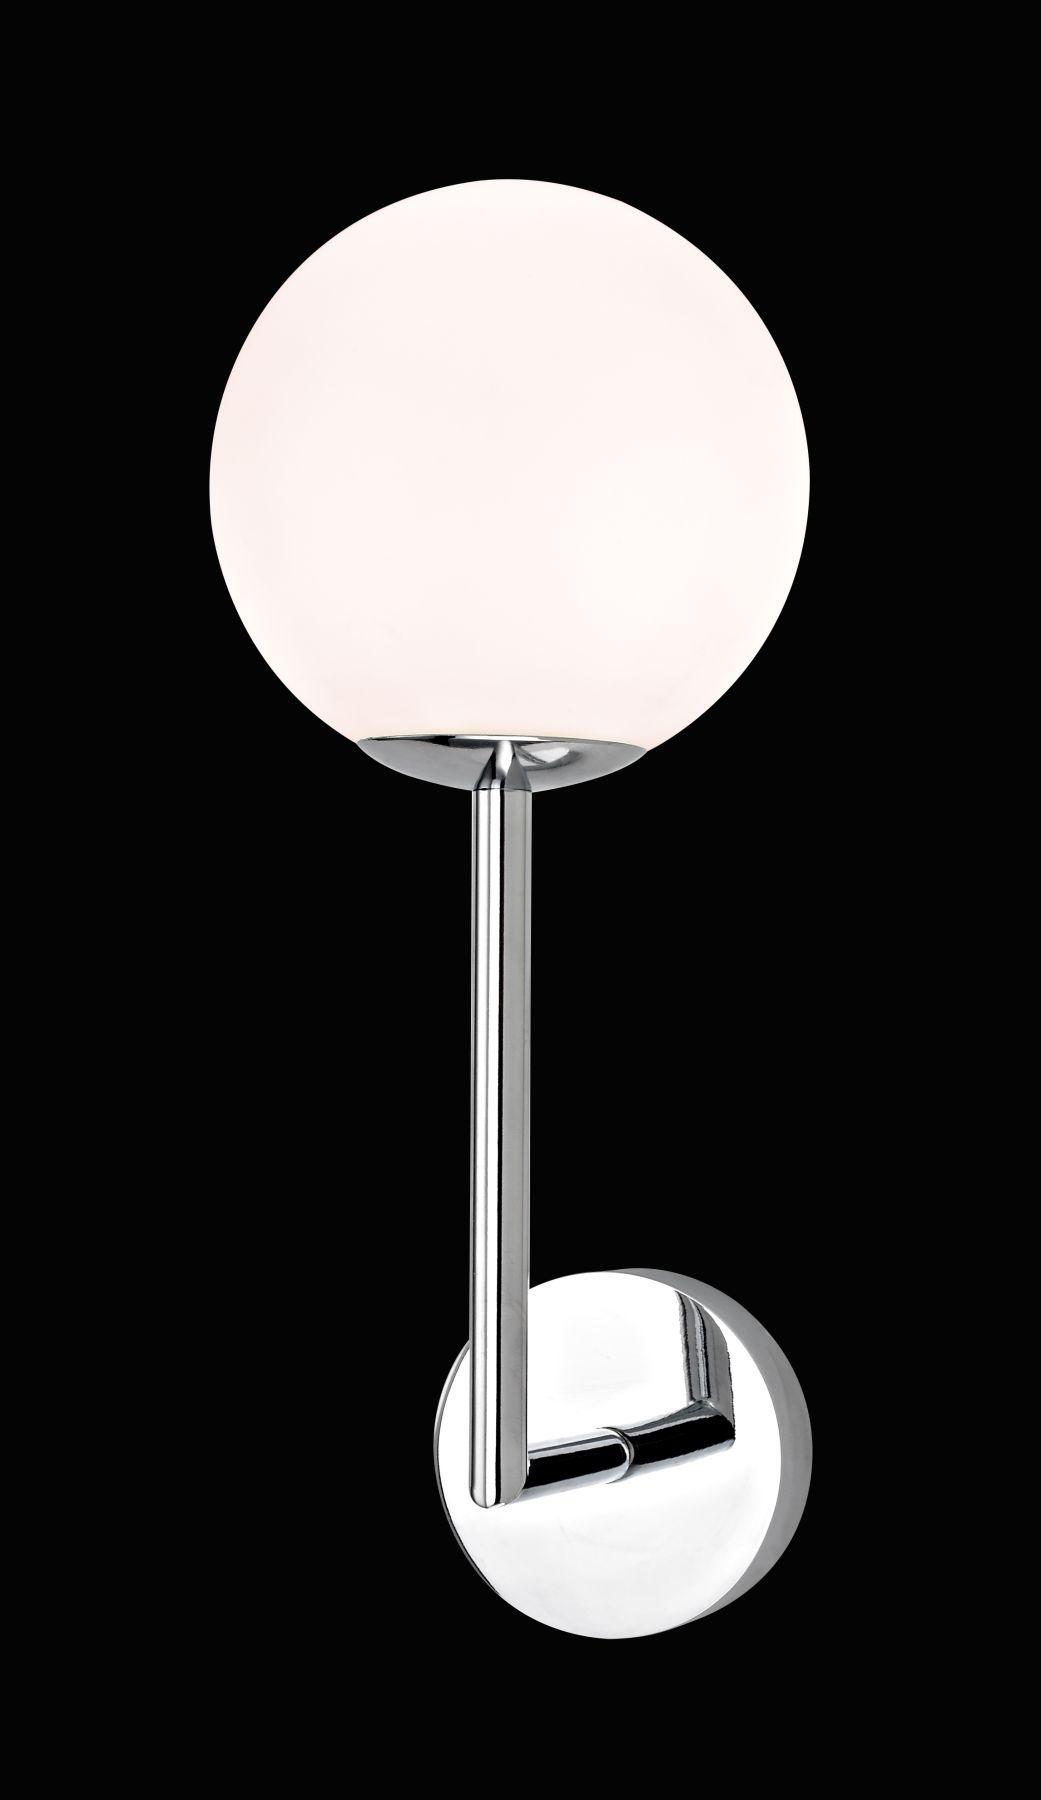 Single Light Wall Light Opal White Ball Glass 6821